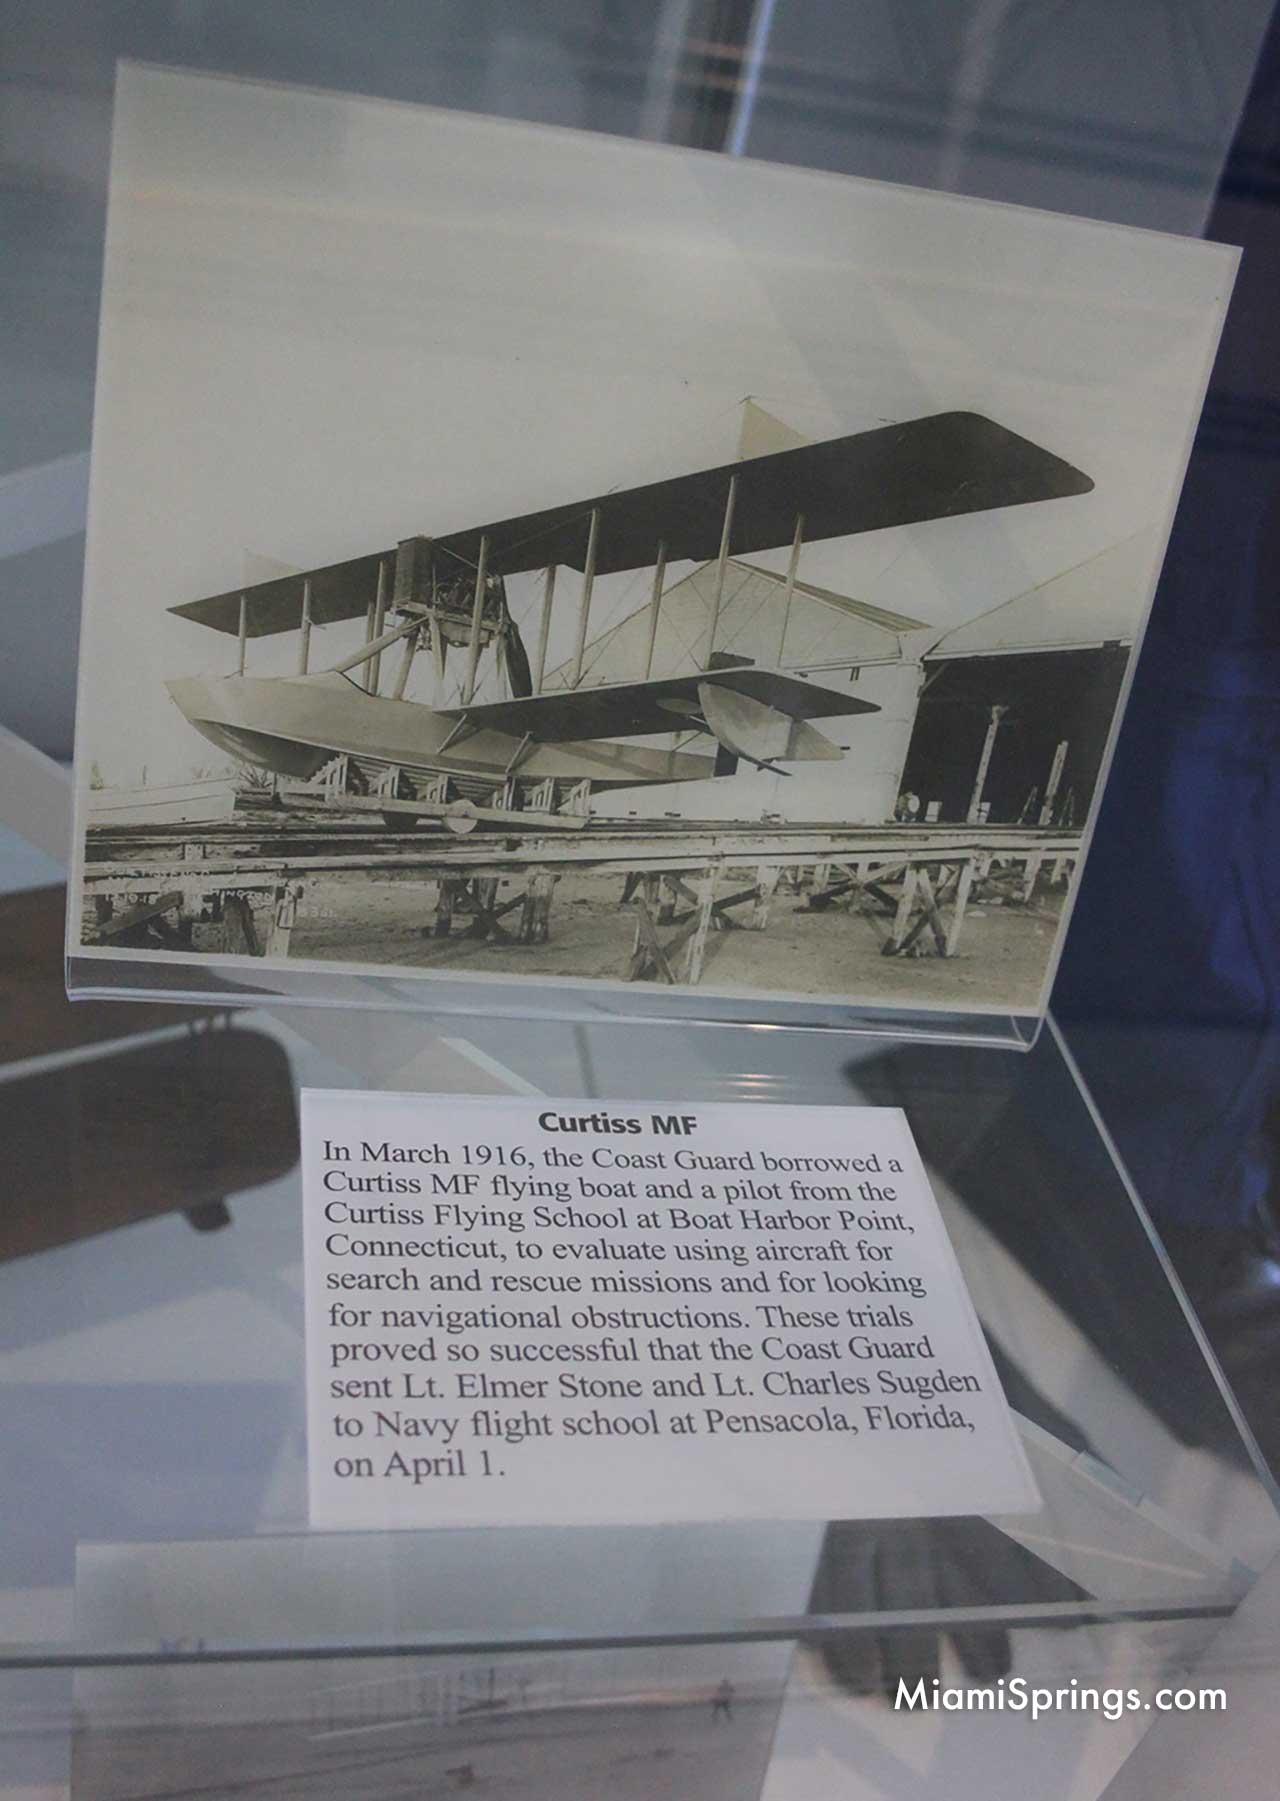 Curtiss MF